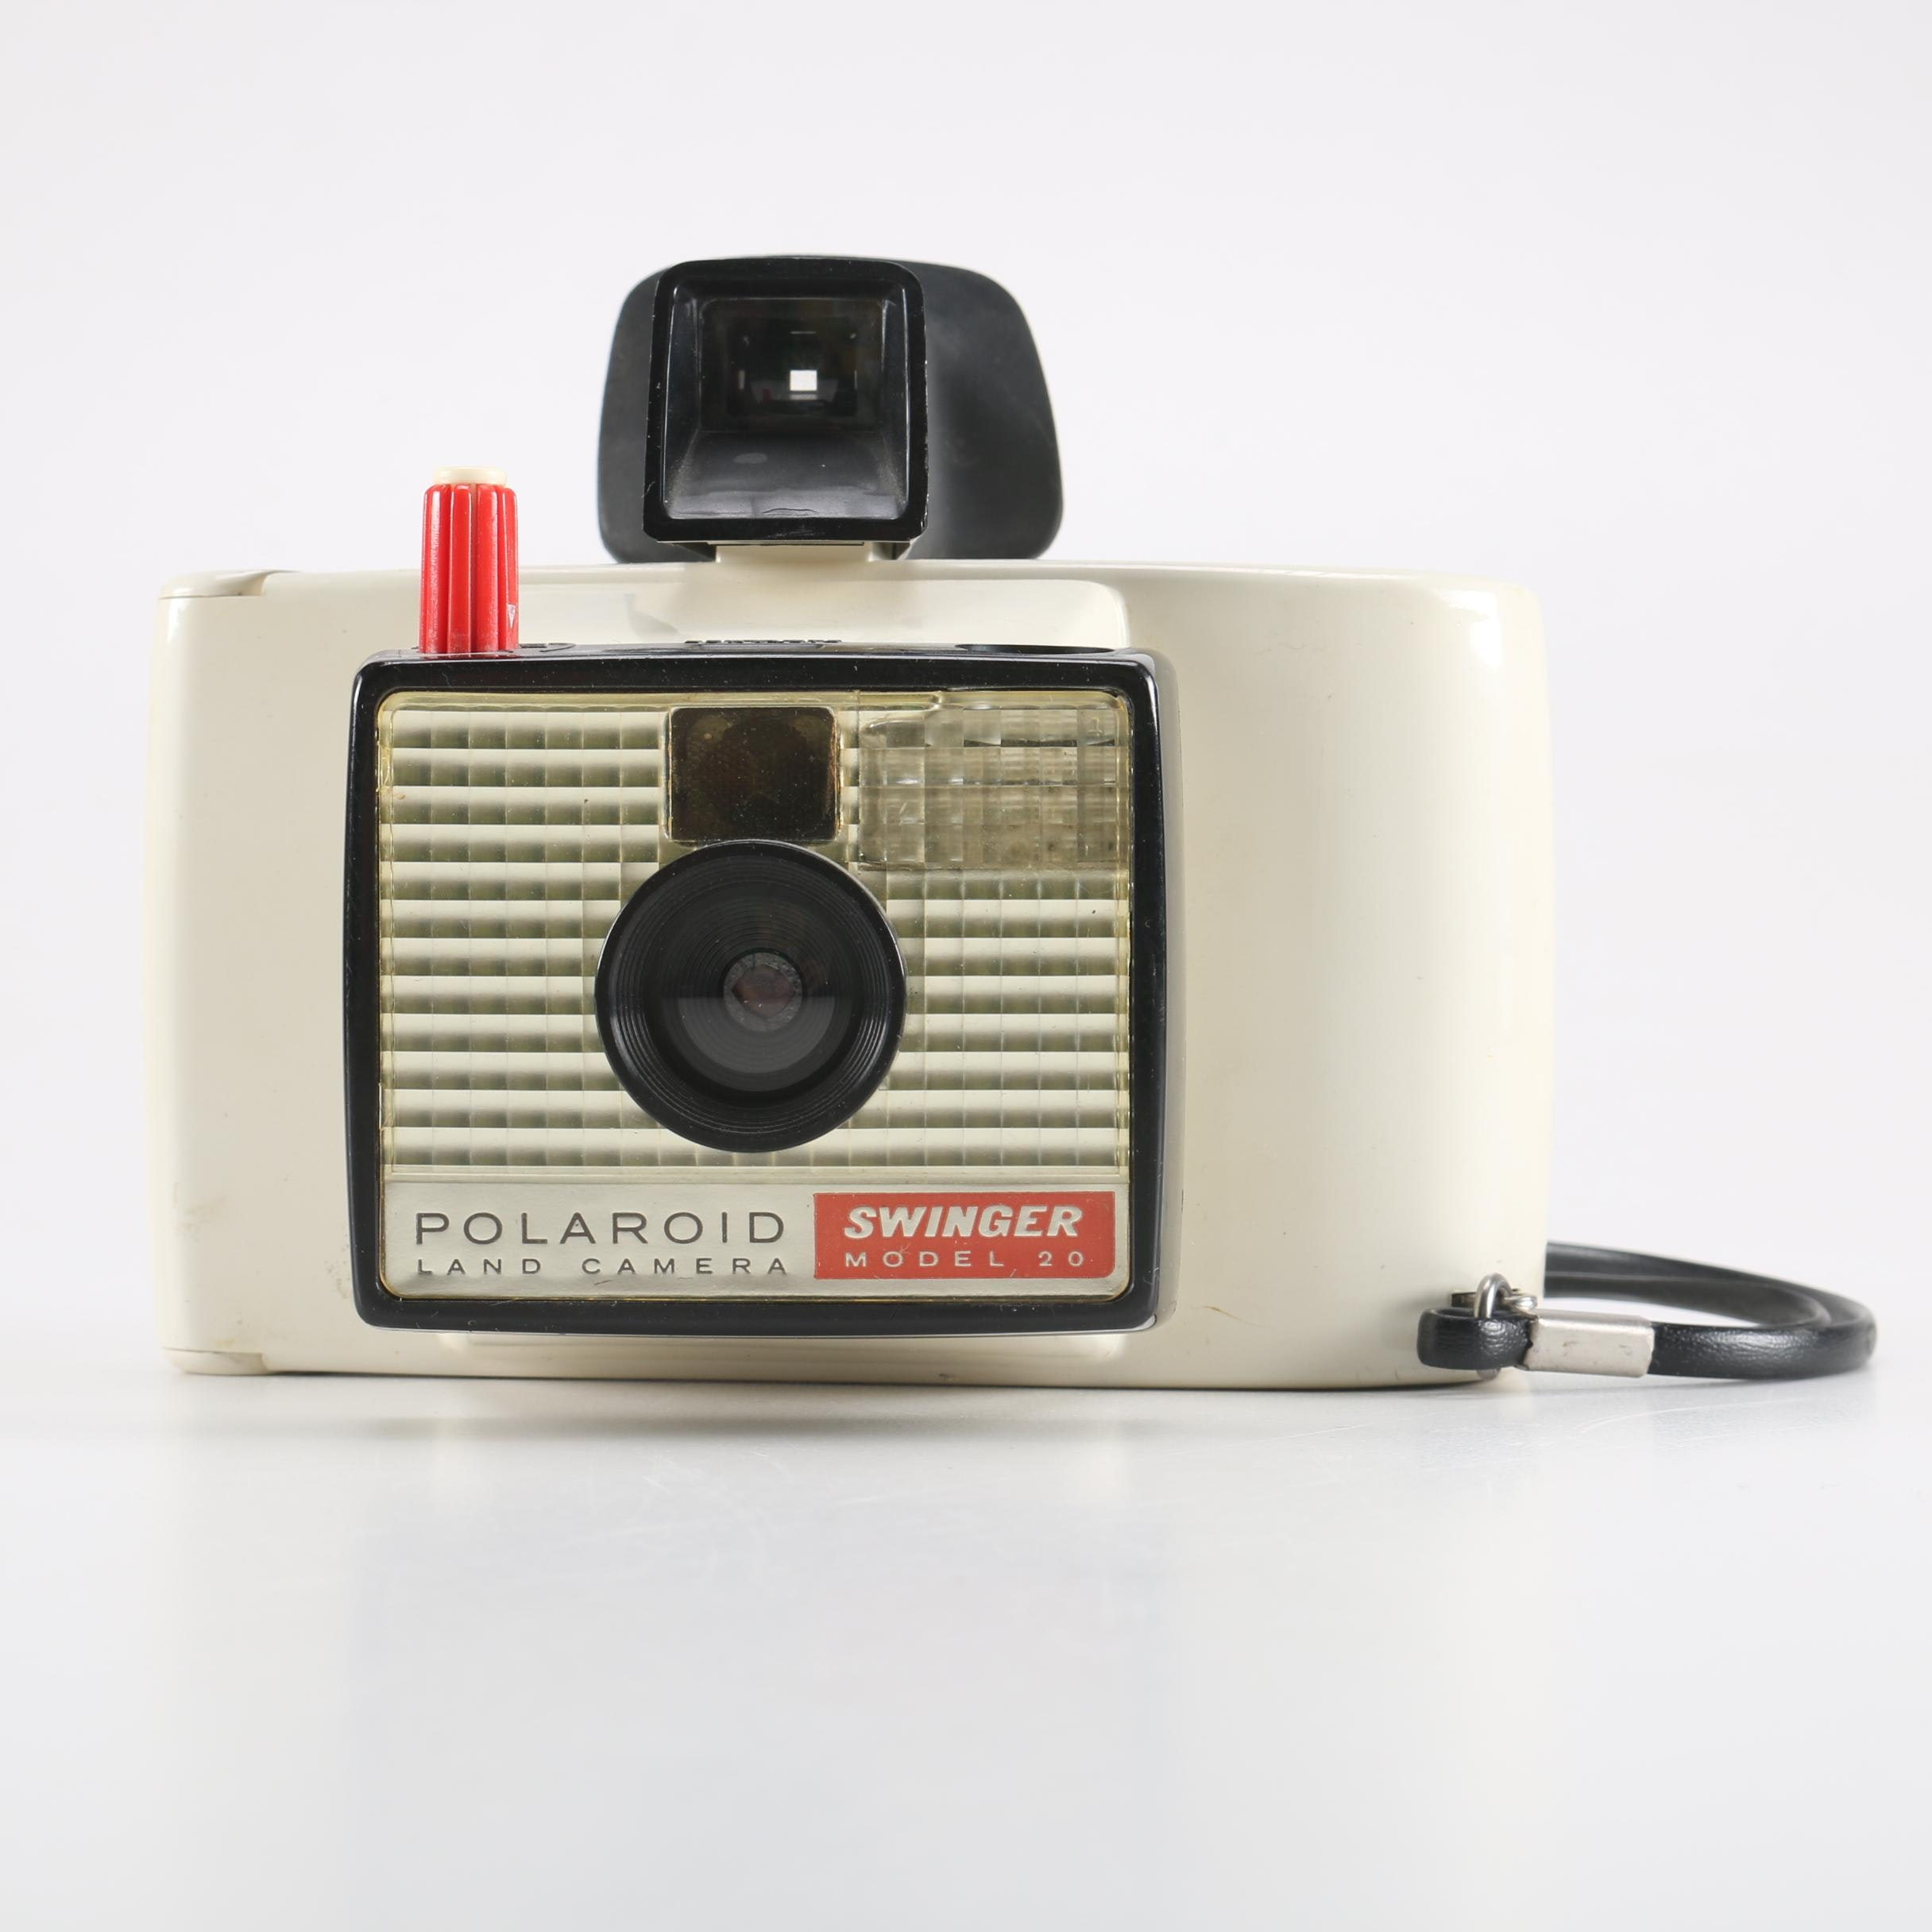 Vintage Polaroid Swinger Model 20